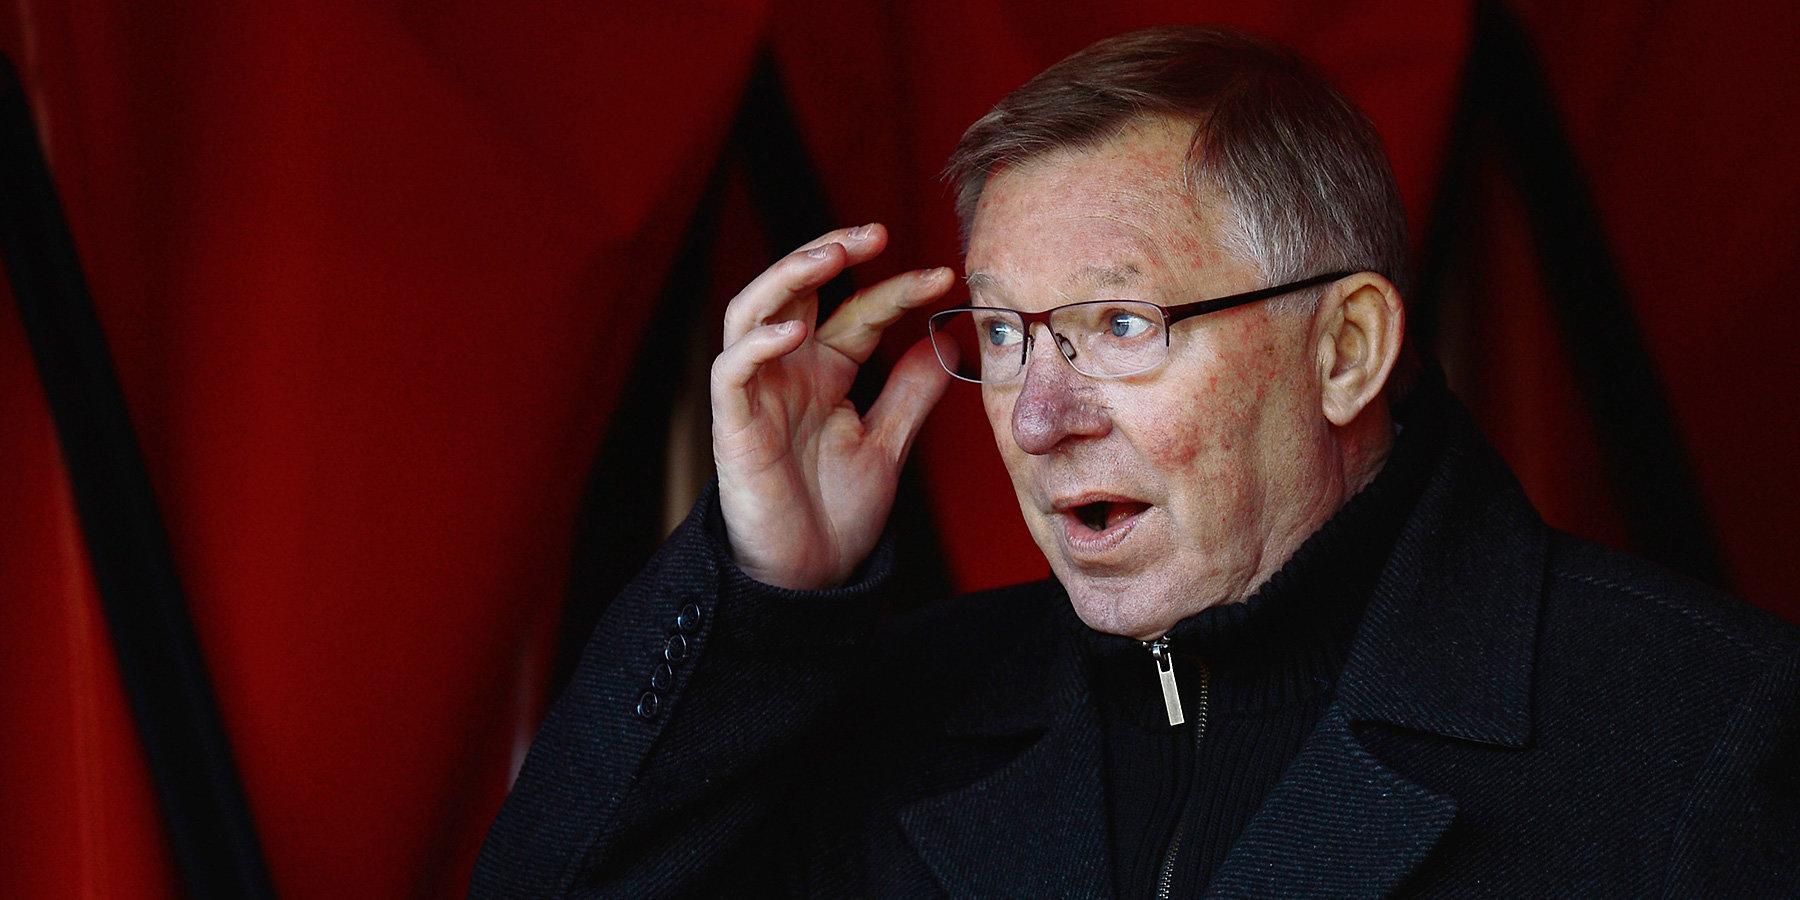 «Величайший». «Манчестер Юнайтед» поздравил Фергюсона с 79-летием